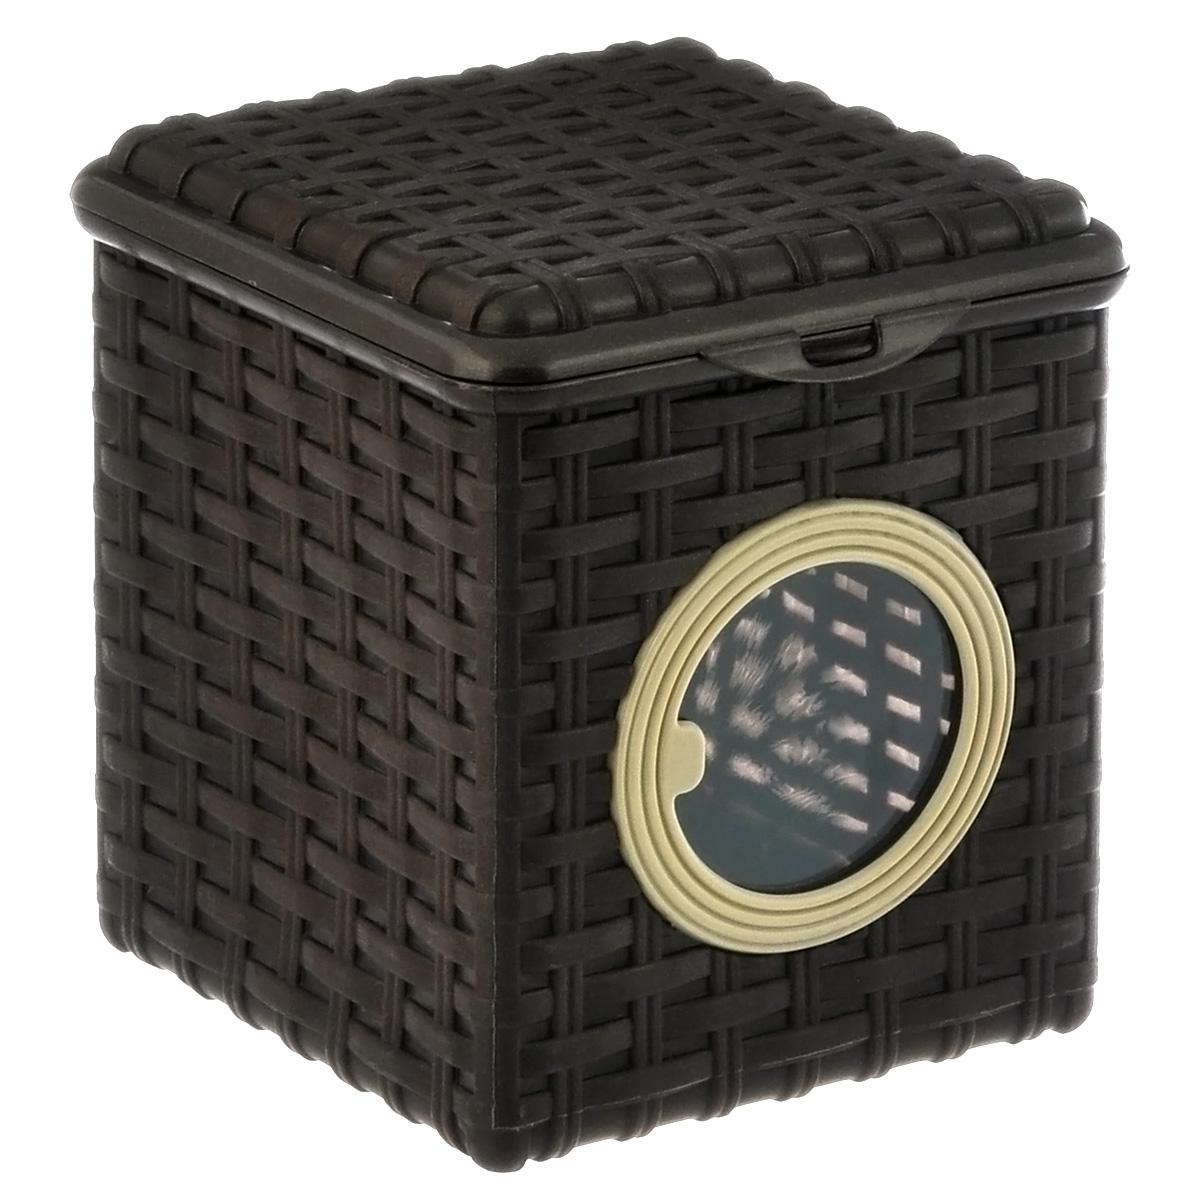 Контейнер для мелочей Violet, цвет: коричневый, 16 х 17 х 18 см2003/1Квадратный контейнер Violet изготовлен из прочного пластика и оформлен плетением под корзинку. Контейнер имеет прозрачное пластиковое окошко. Также у контейнера имеется откидная крышка, которая закрывается на защелку. Контейнер Violet идеально подойдет для хранения различных мелочей. Размер: 16 см х 17 см. Высота стенки: 18 см. Объем: 3 л.